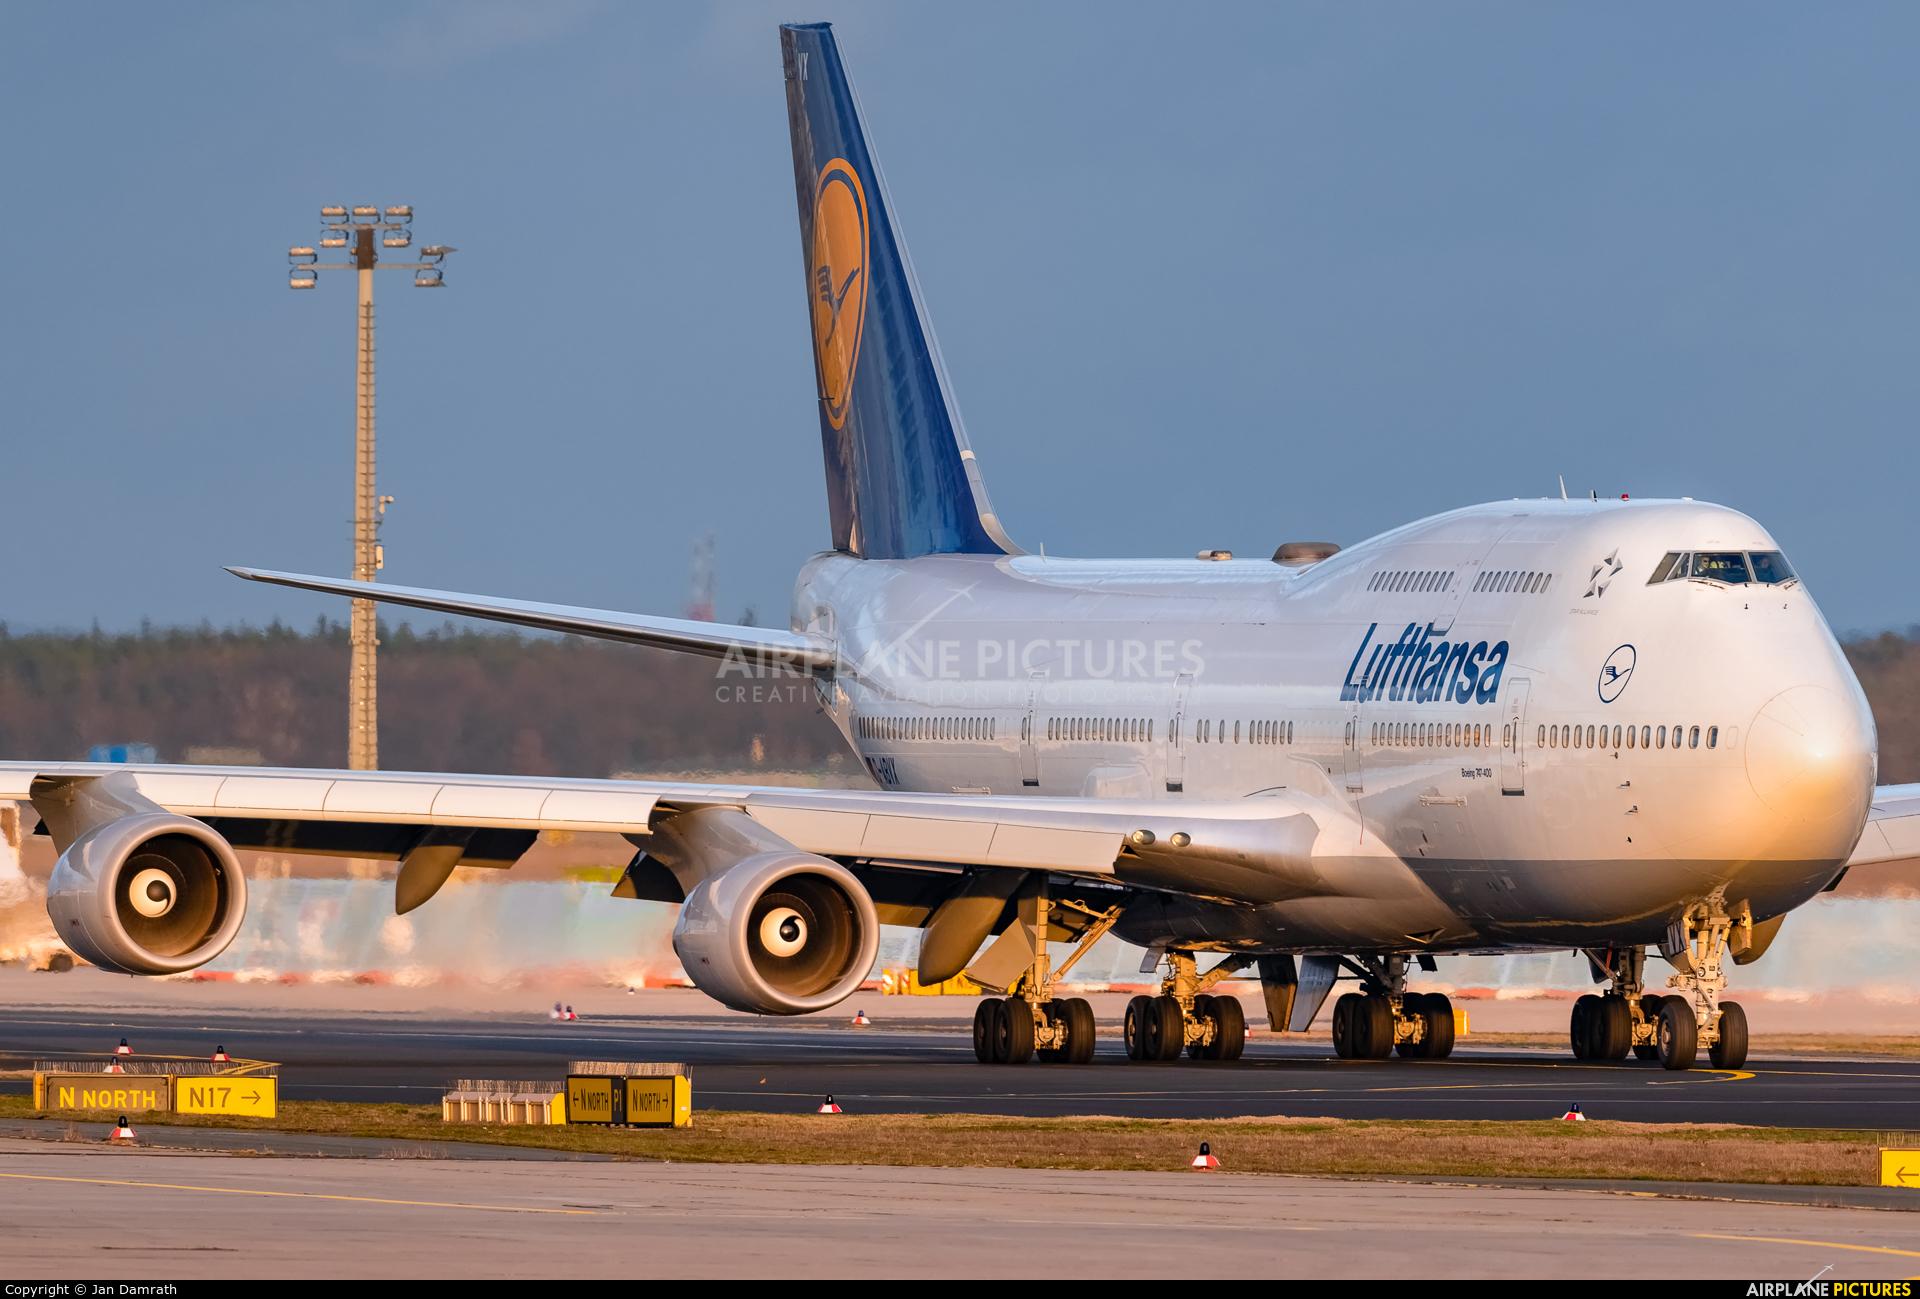 Lufthansa D-ABVX aircraft at Frankfurt